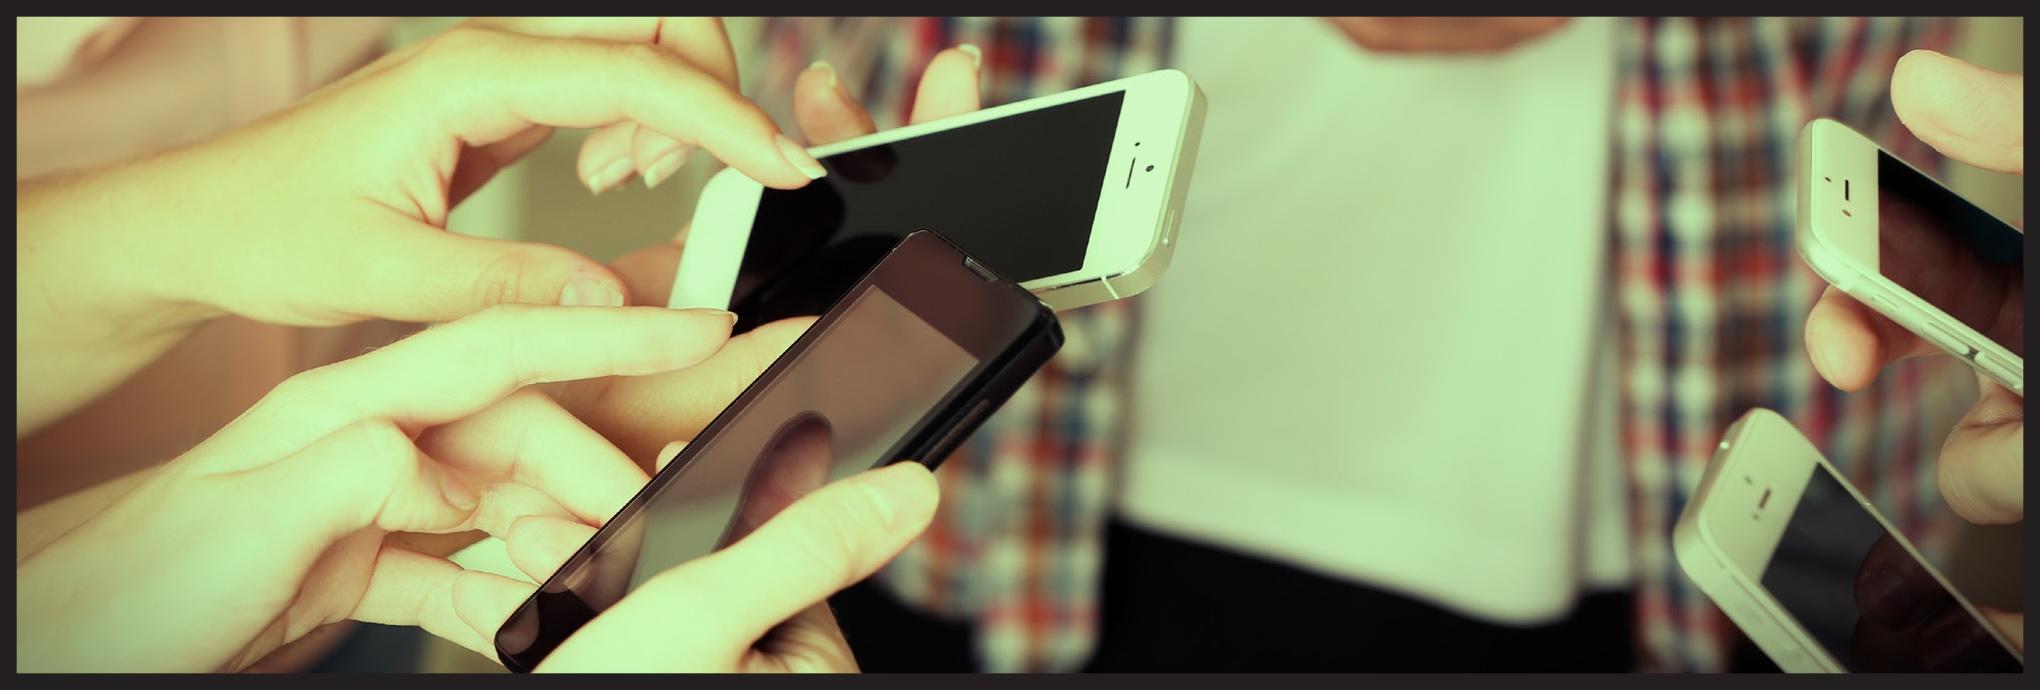 WMI_mobile_Header-7.jpg